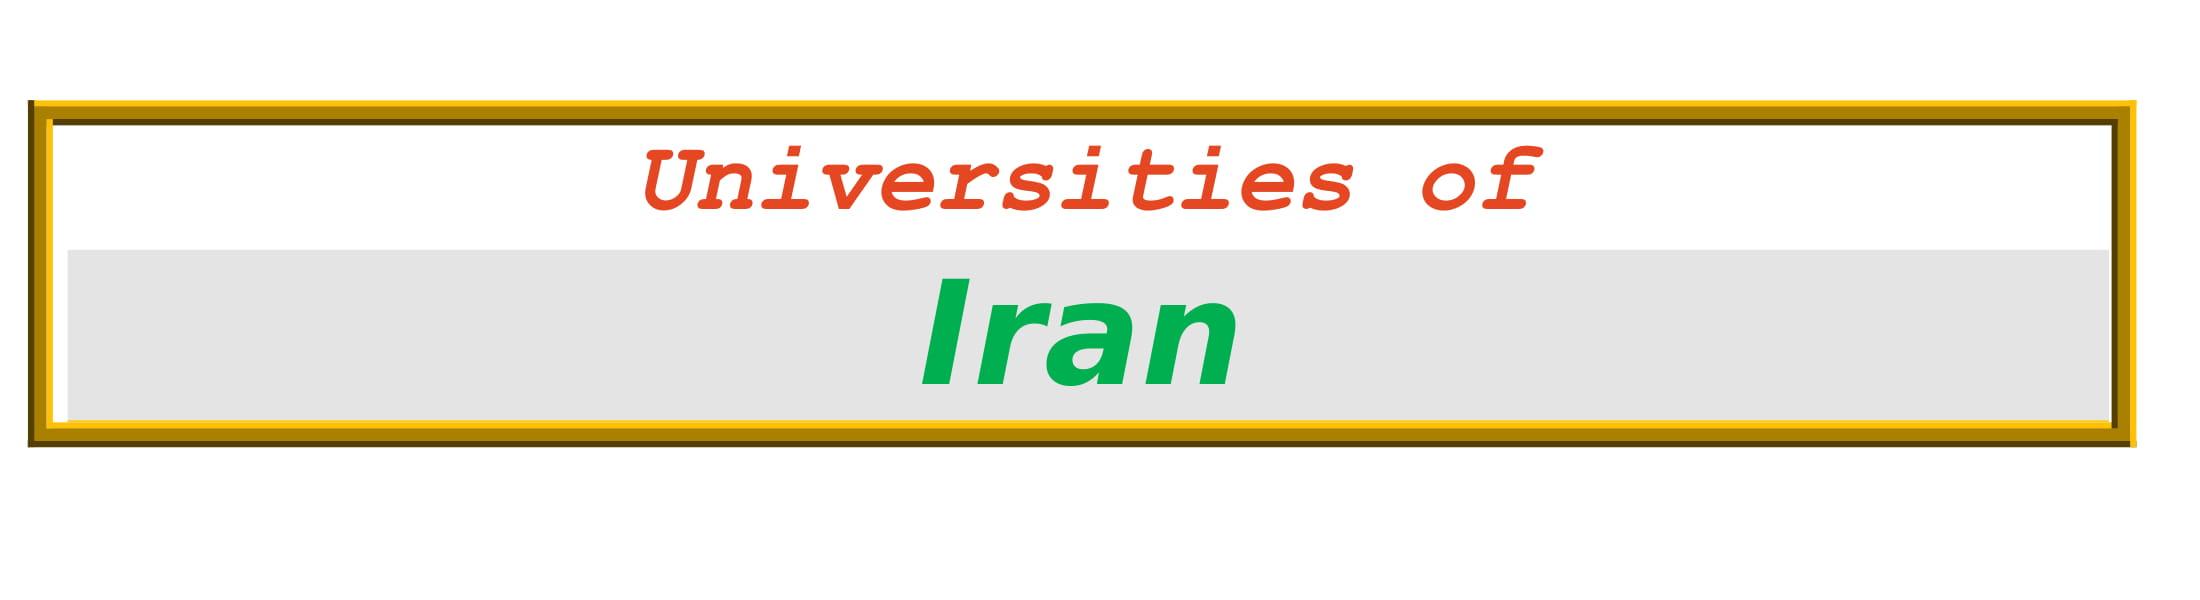 List of Universities in Iran